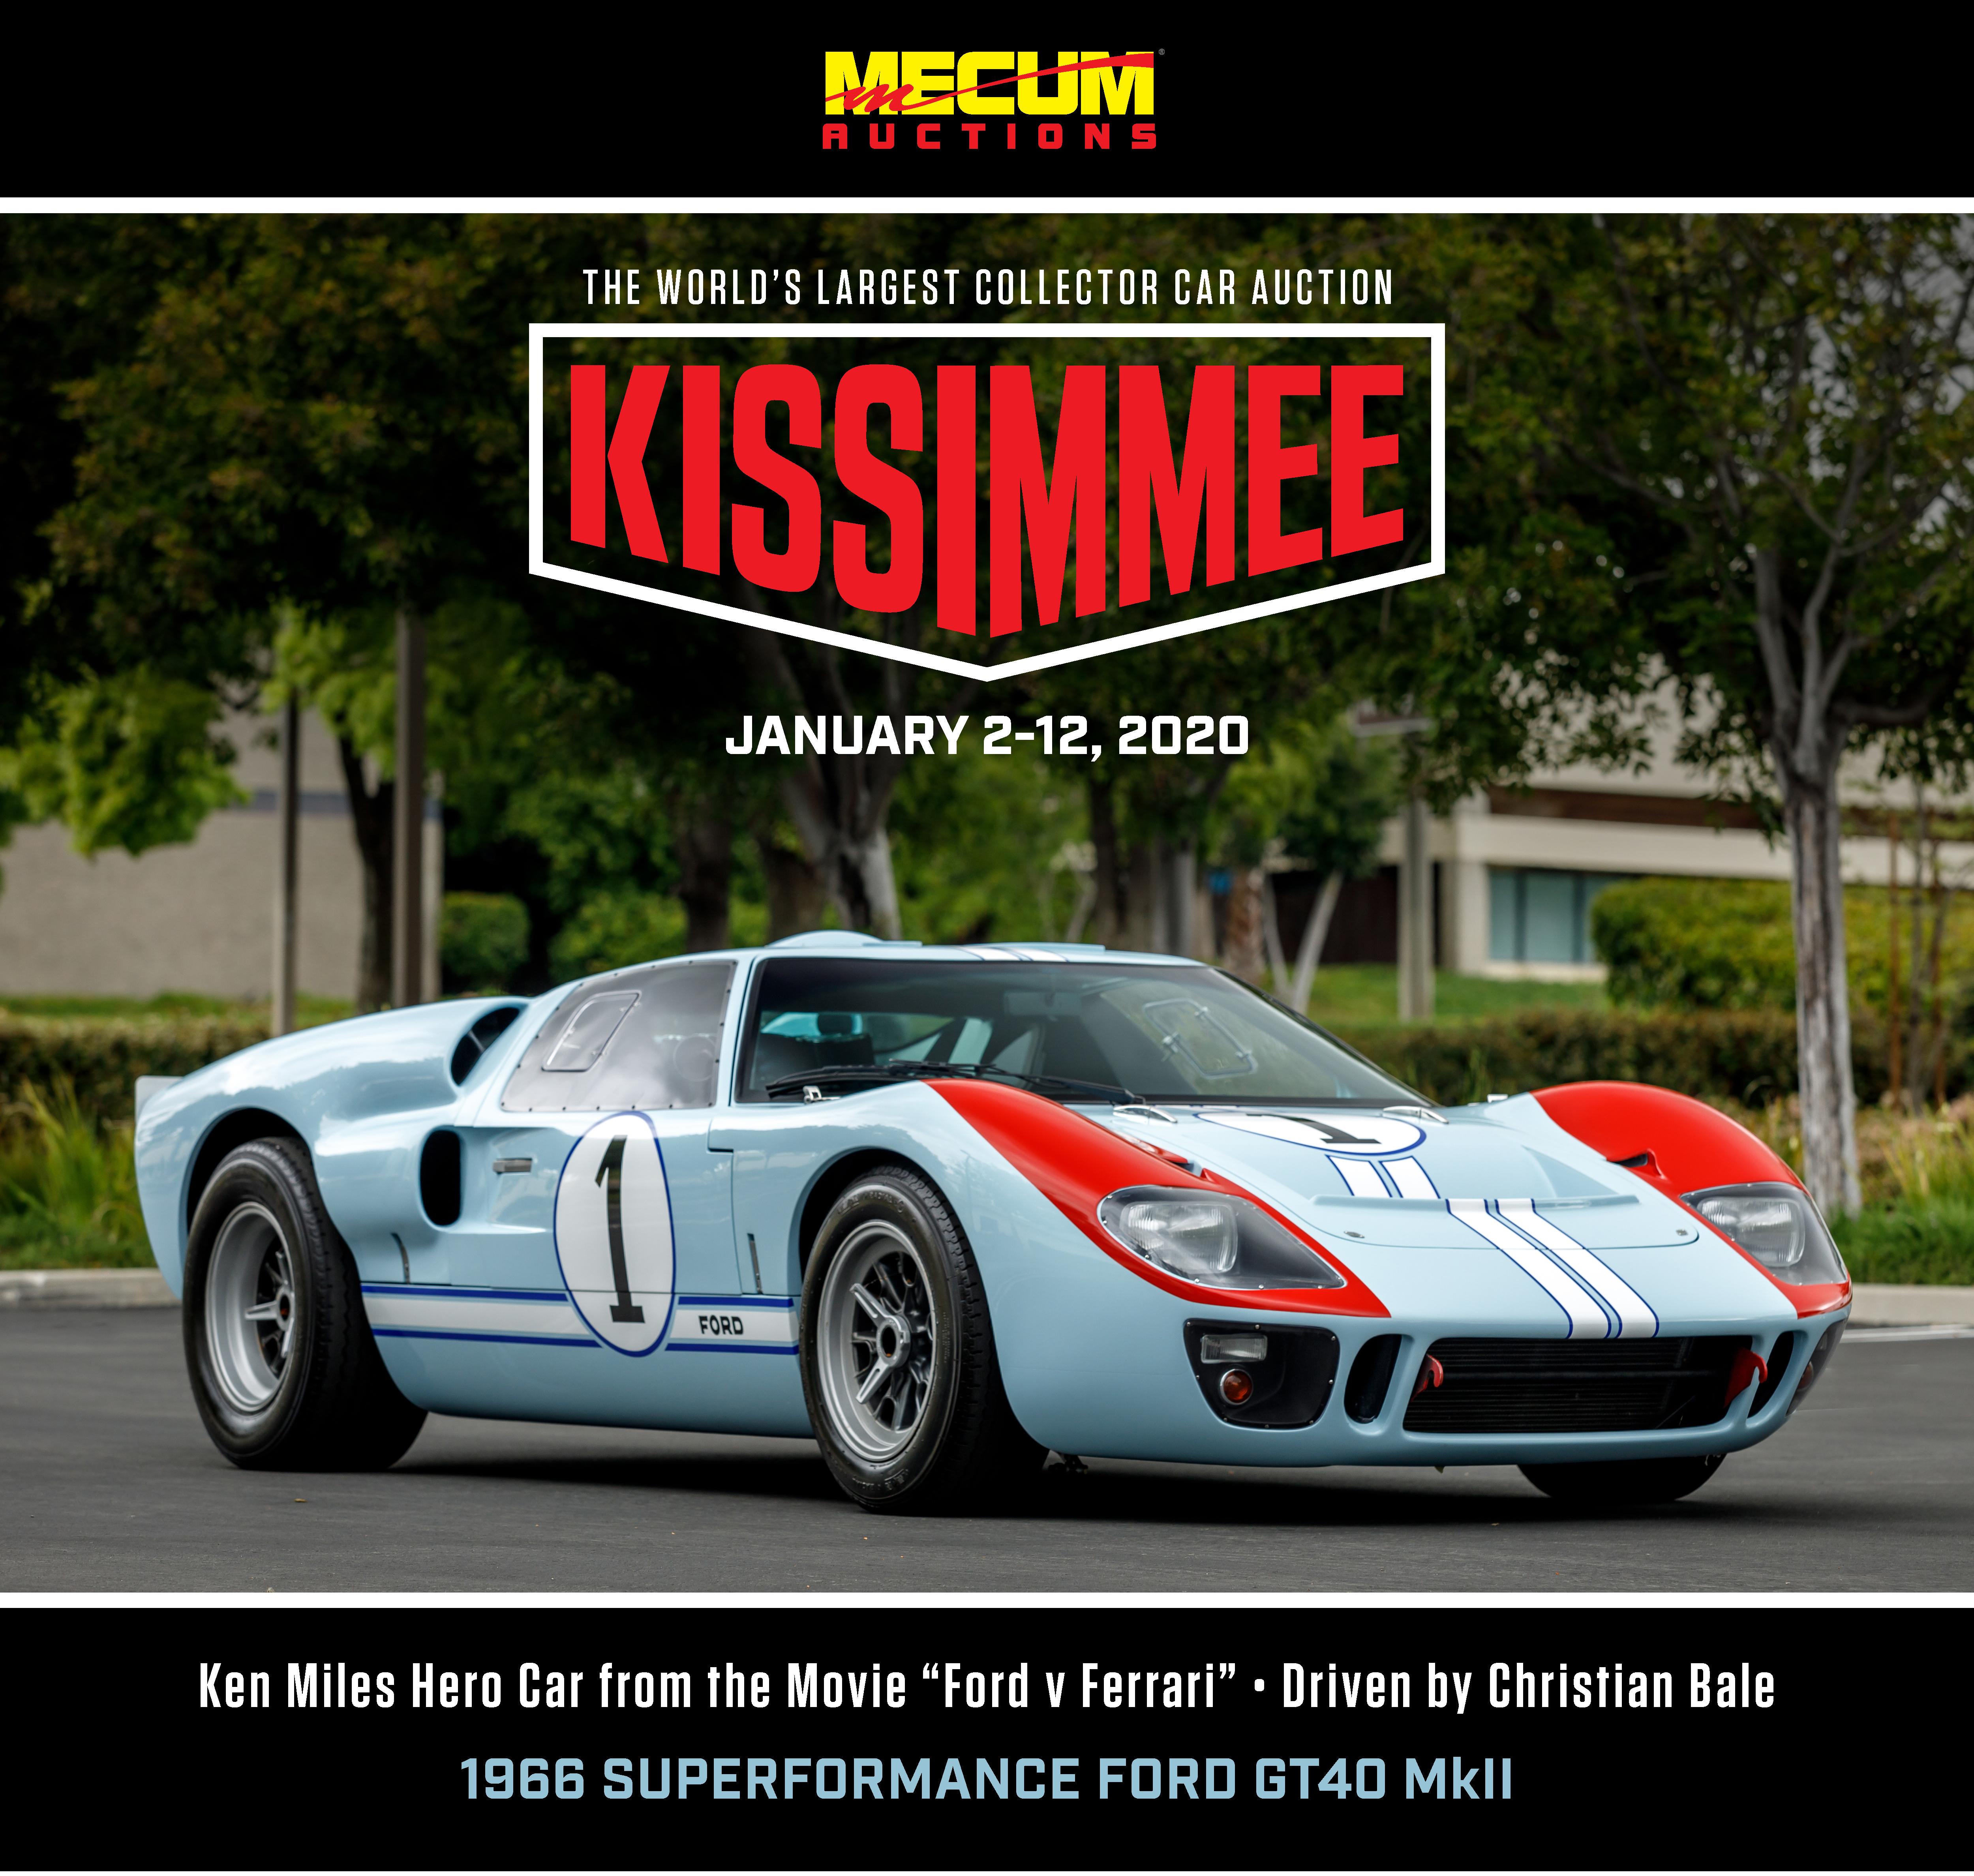 Mecum Kissimmee 2020 : Des Ford célèbres en vedette !  73744c53-5060-40c1-97bc-d0a9c17932db